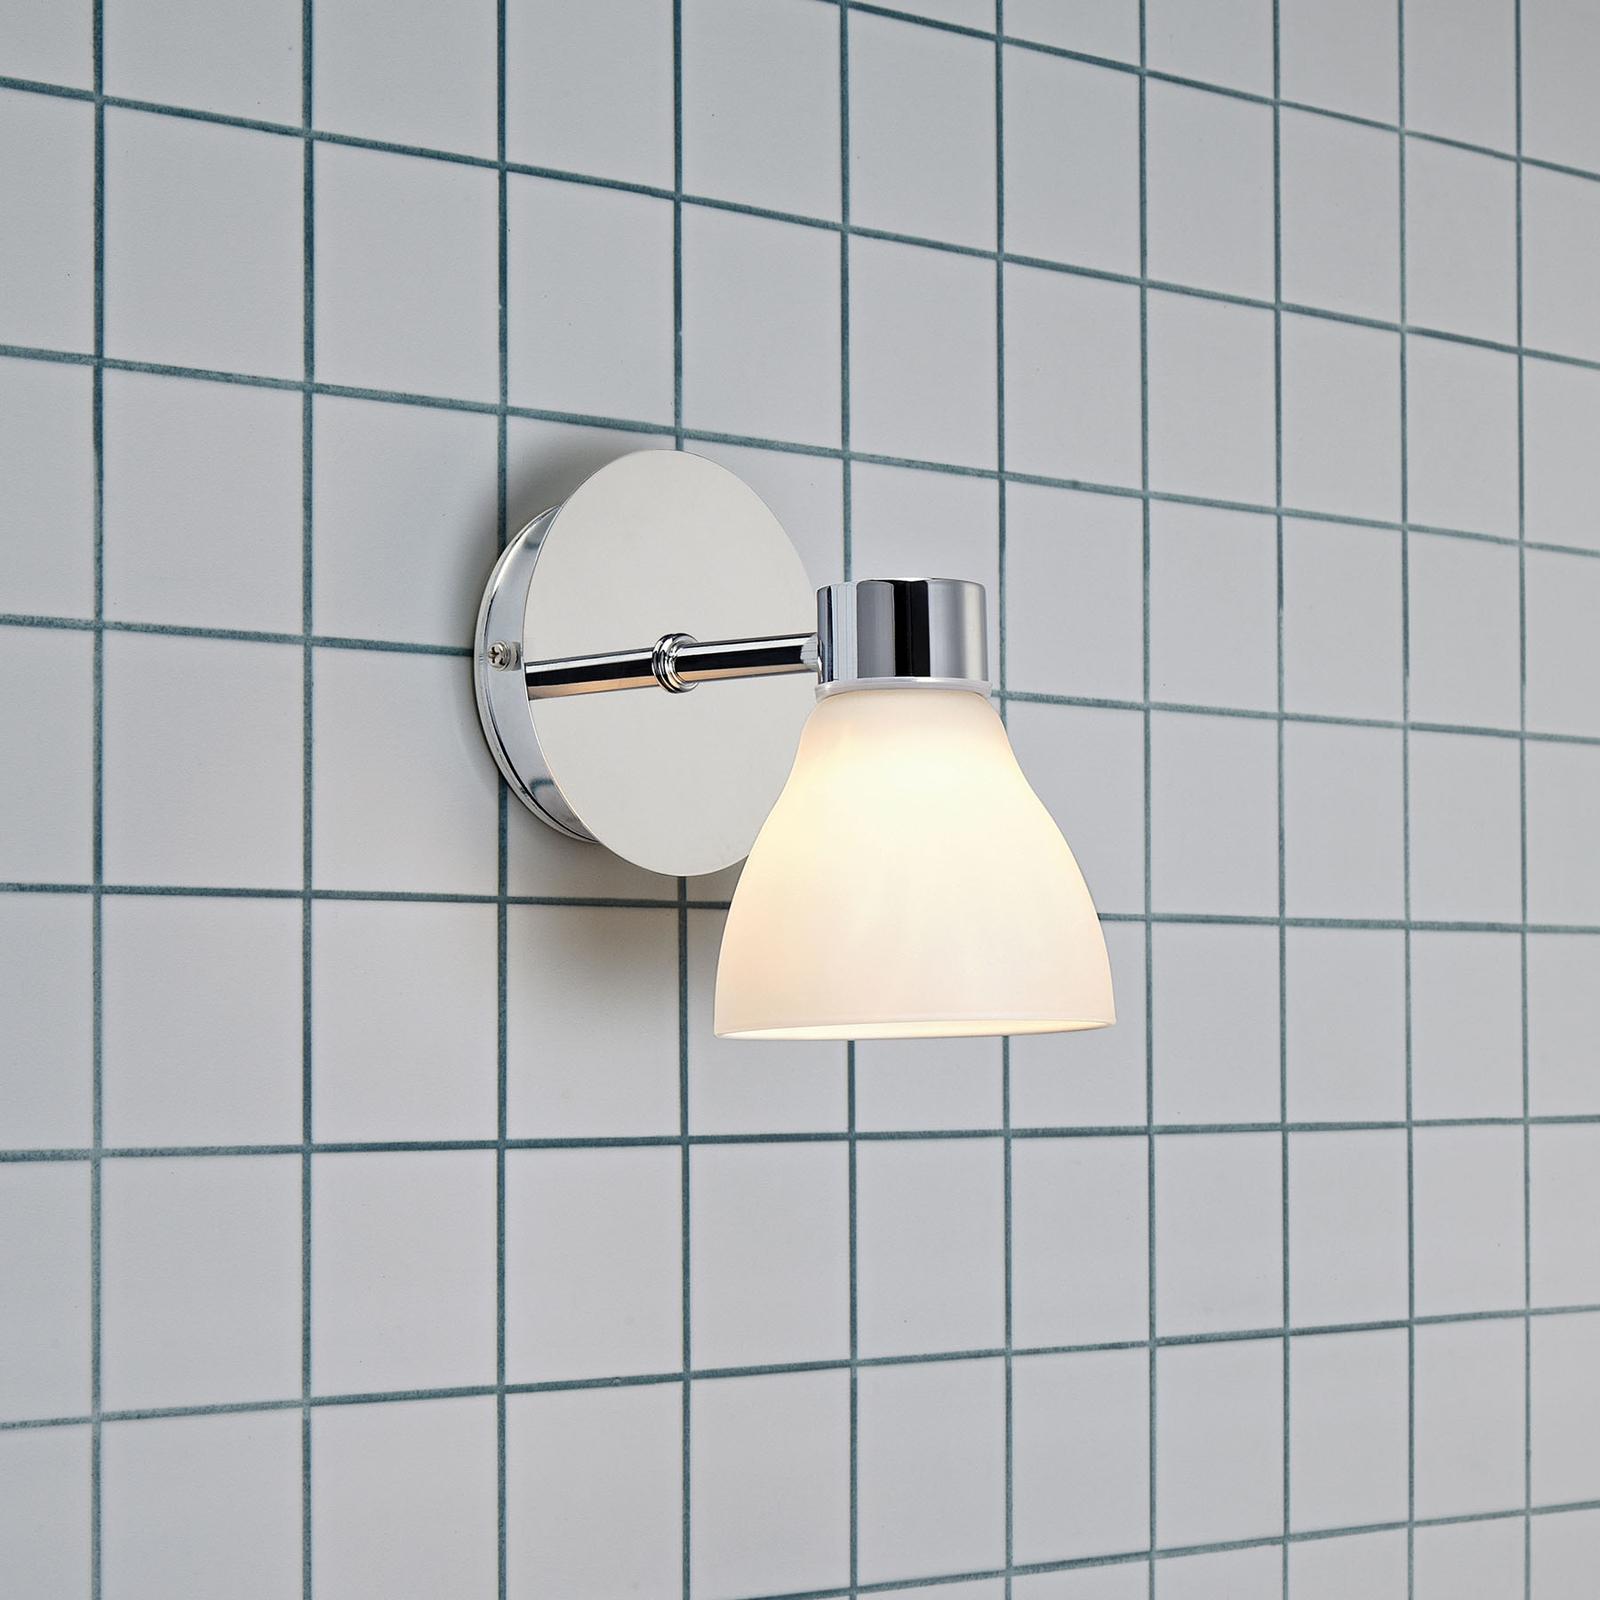 Taklampe til bad Cassis, 1 lyskilde